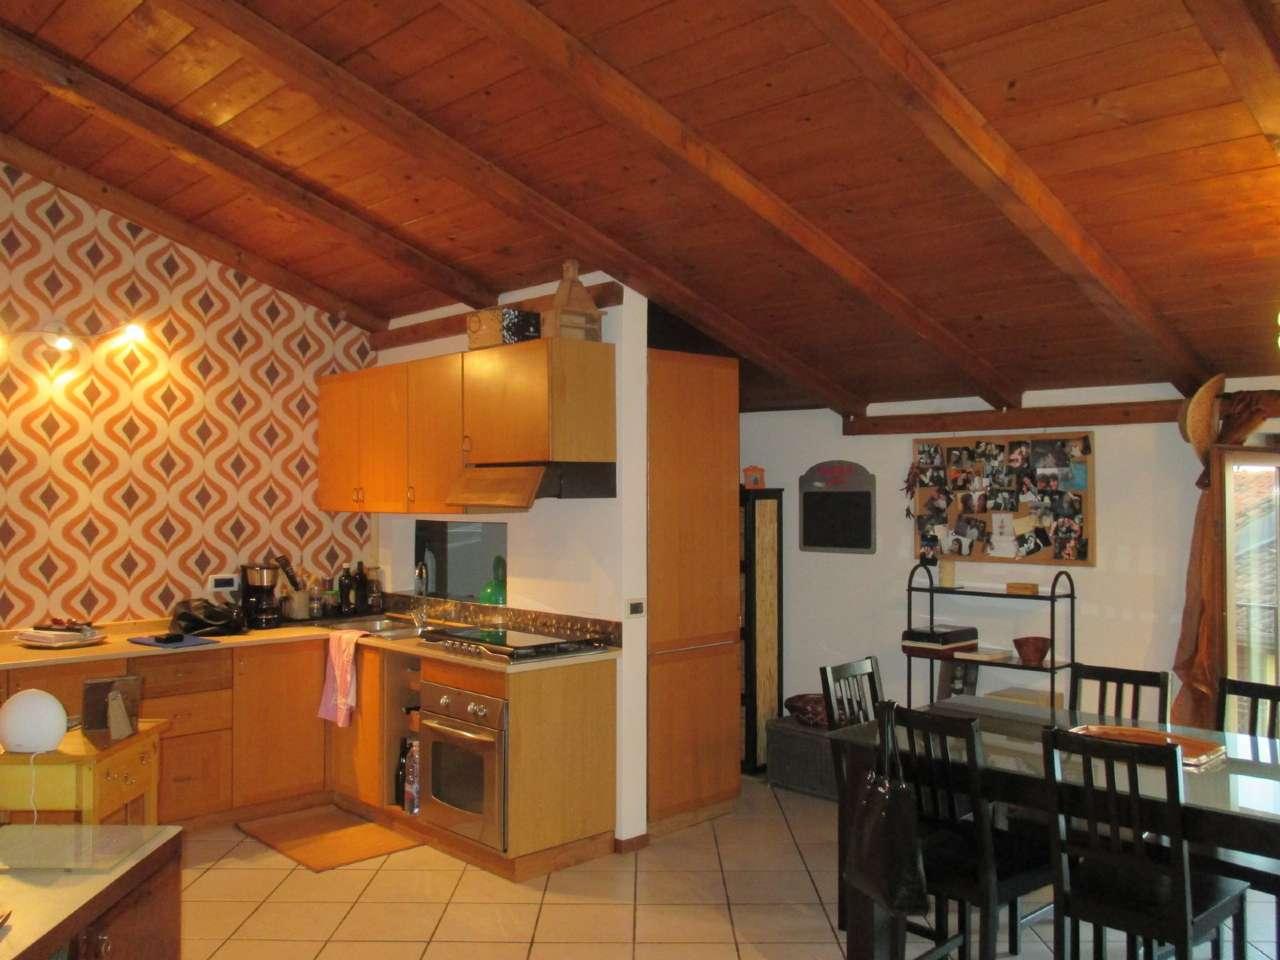 Appartamento in vendita a Nuvolera, 2 locali, prezzo € 80.000   PortaleAgenzieImmobiliari.it